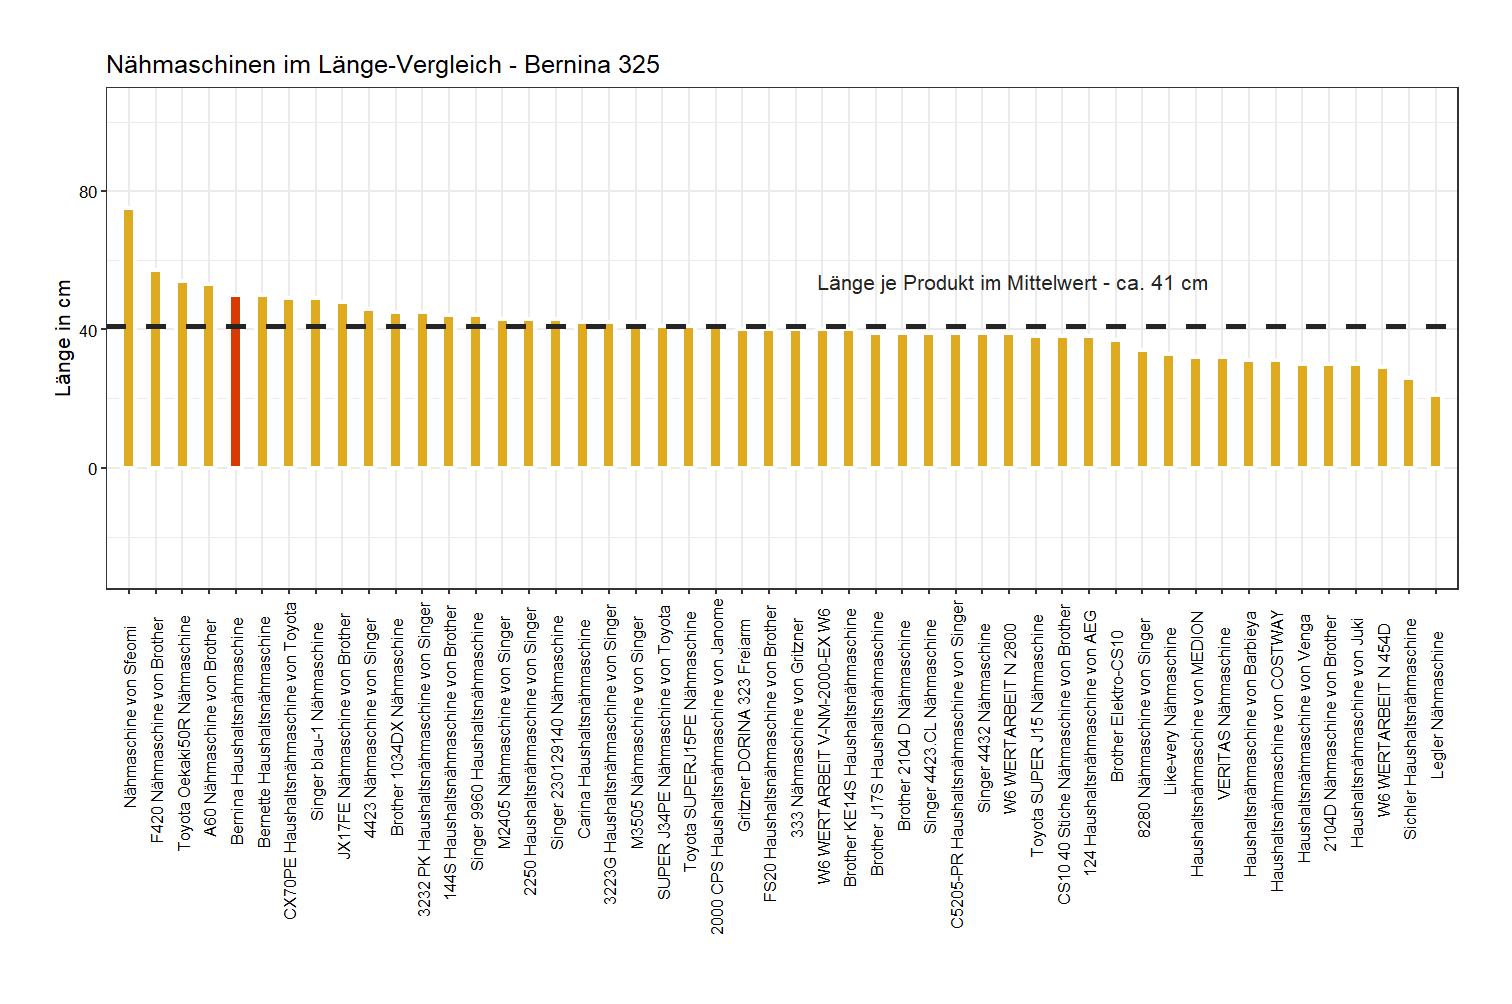 Länge-Vergleich von der Bernina Nähmaschine 325